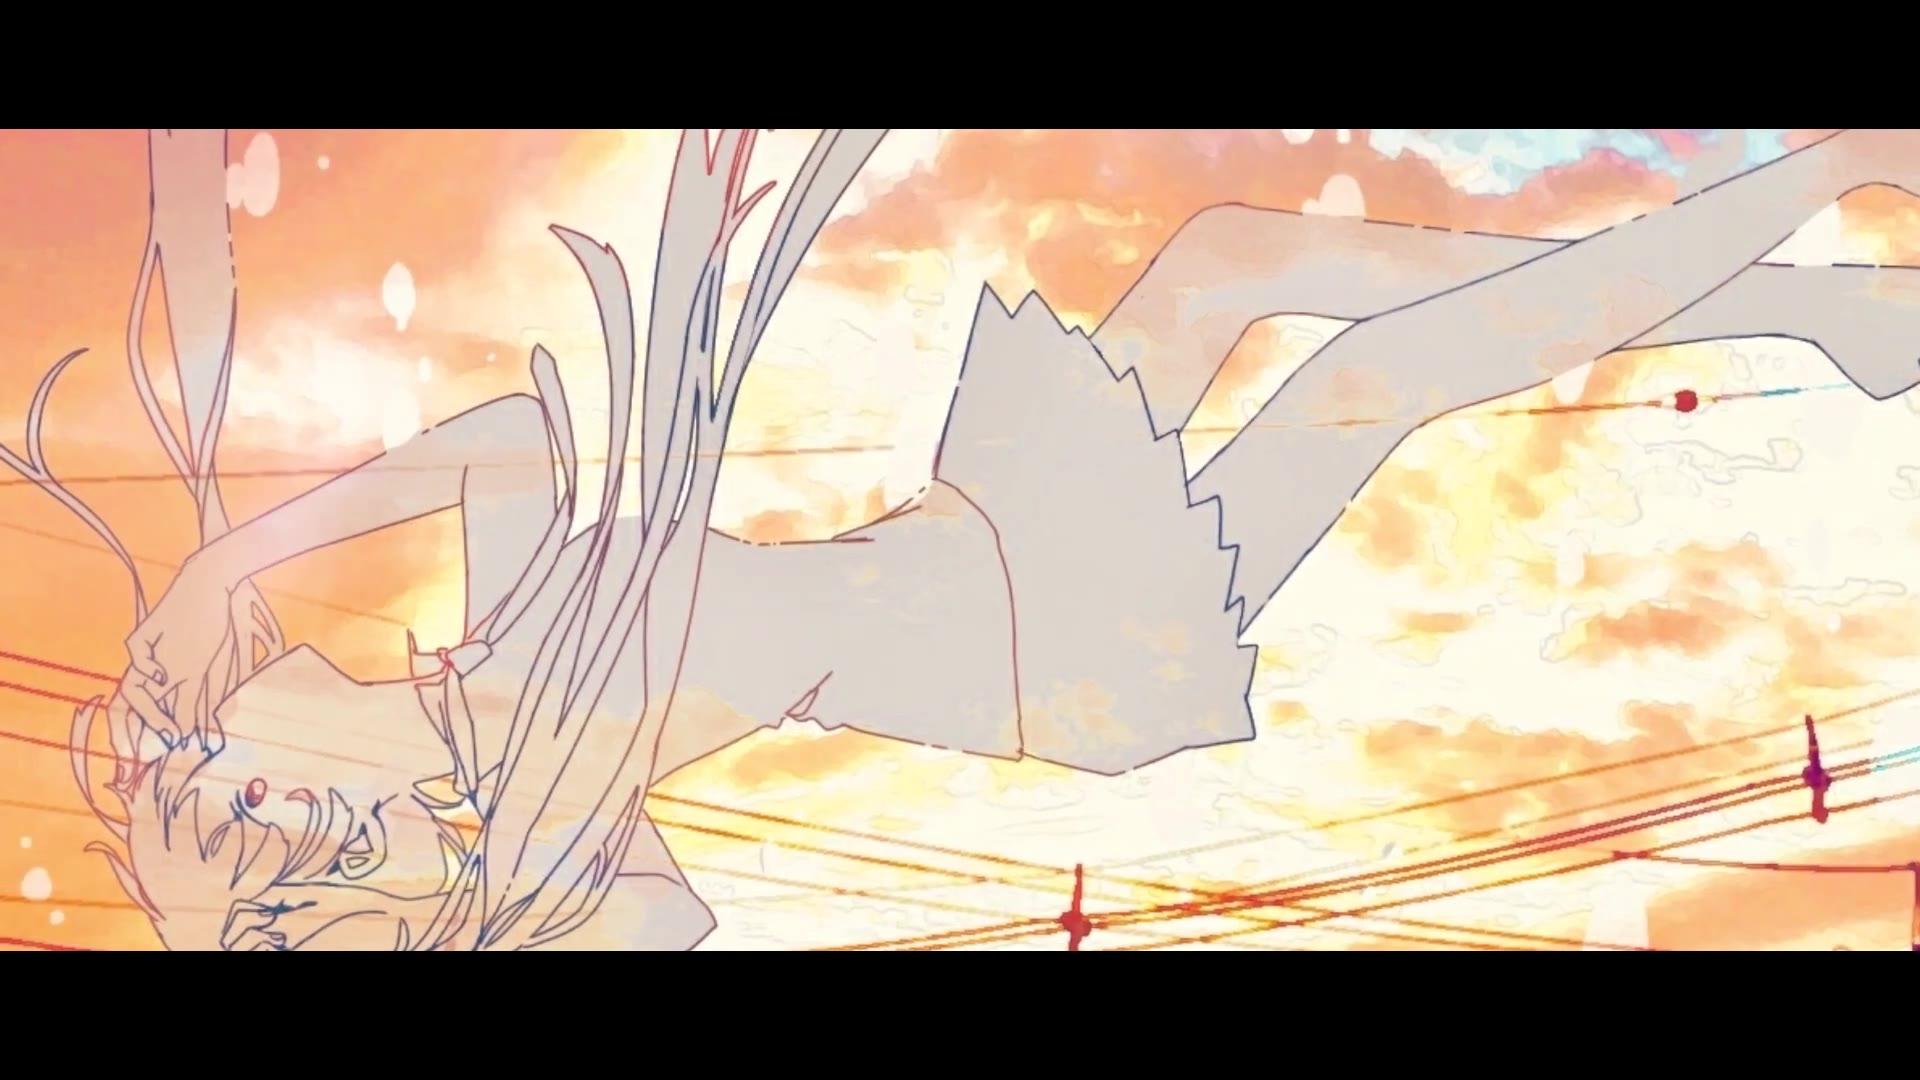 【初音ミク】オレンジの風景【オリジナル】